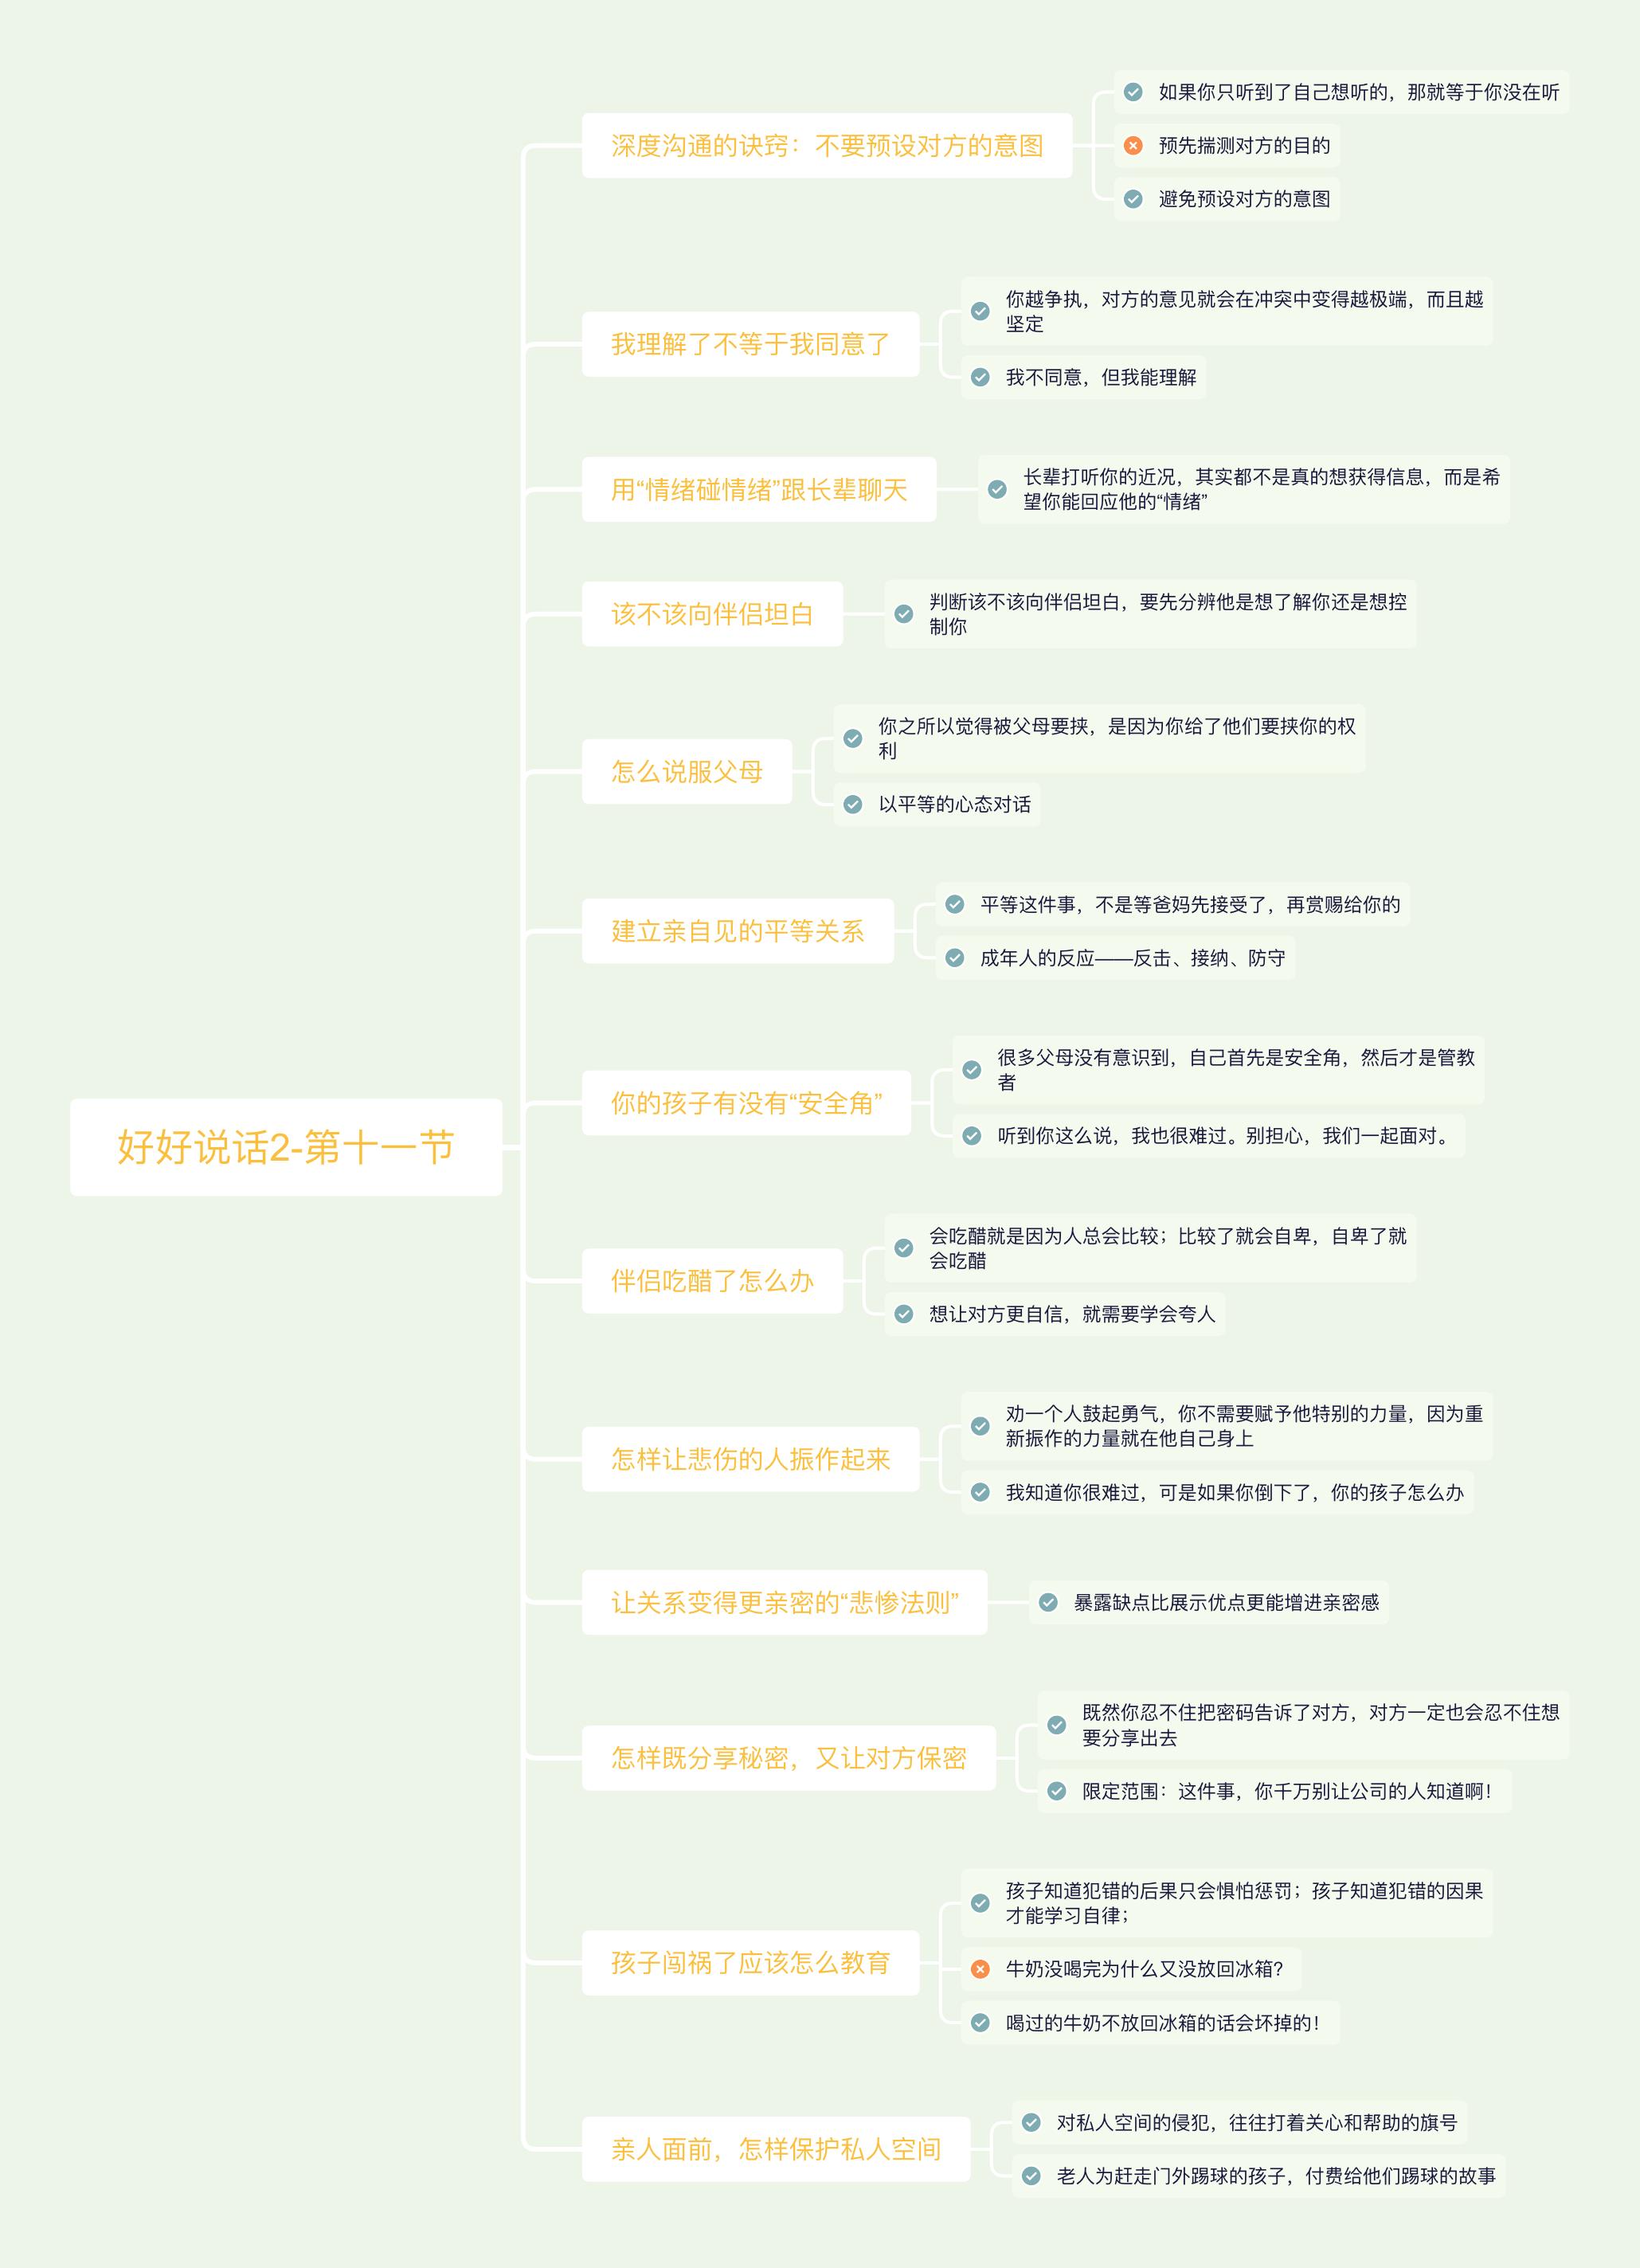 朱智胜的博客